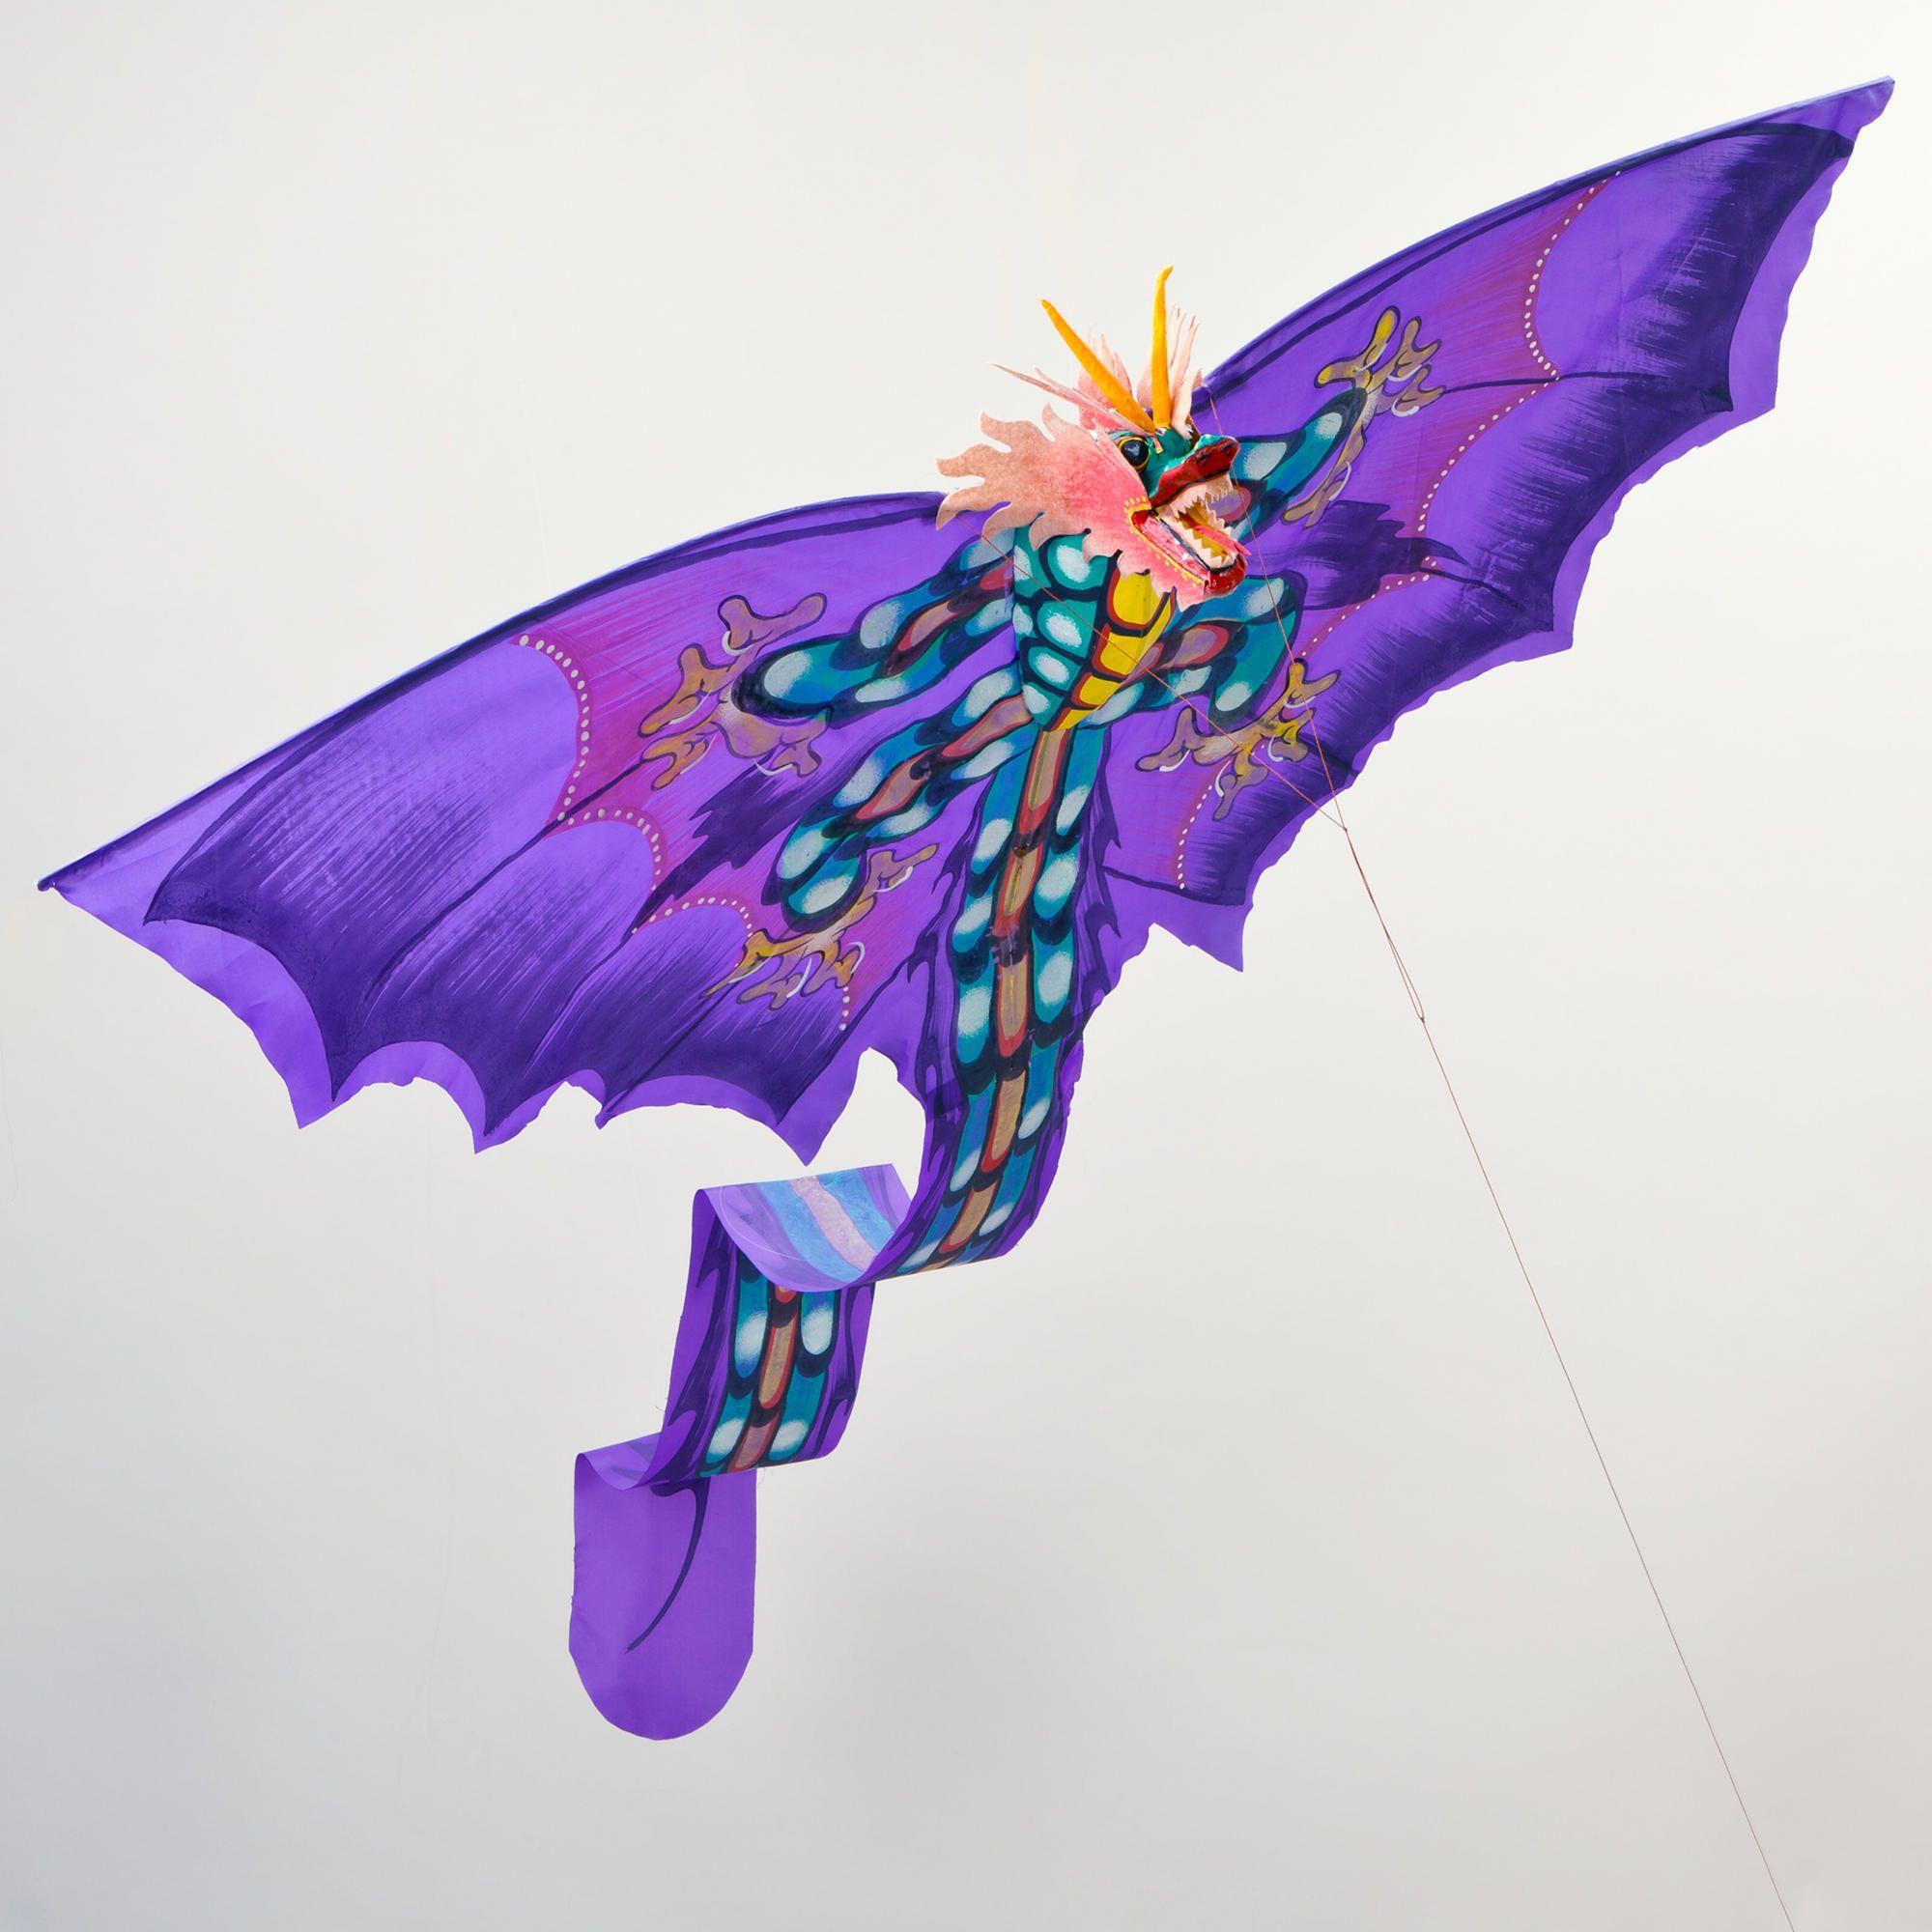 Halloween kite design Dragon kite, Go fly a kite, Kite